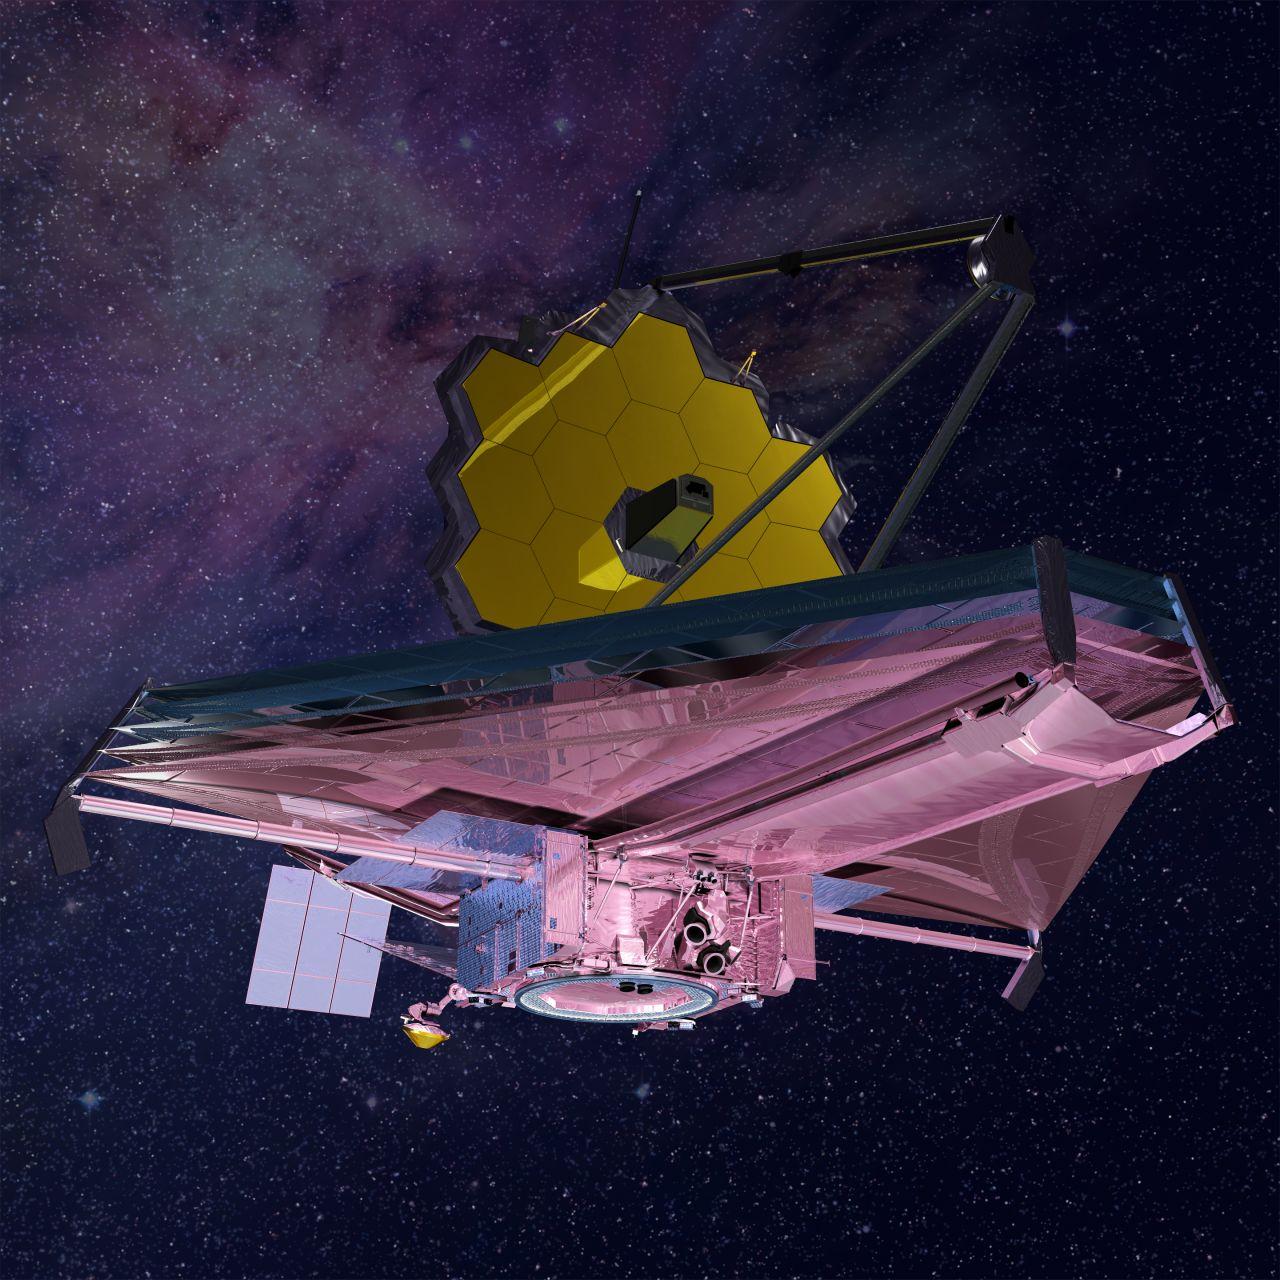 3D Animation vom James Webb Space Telescope im Weltraum.